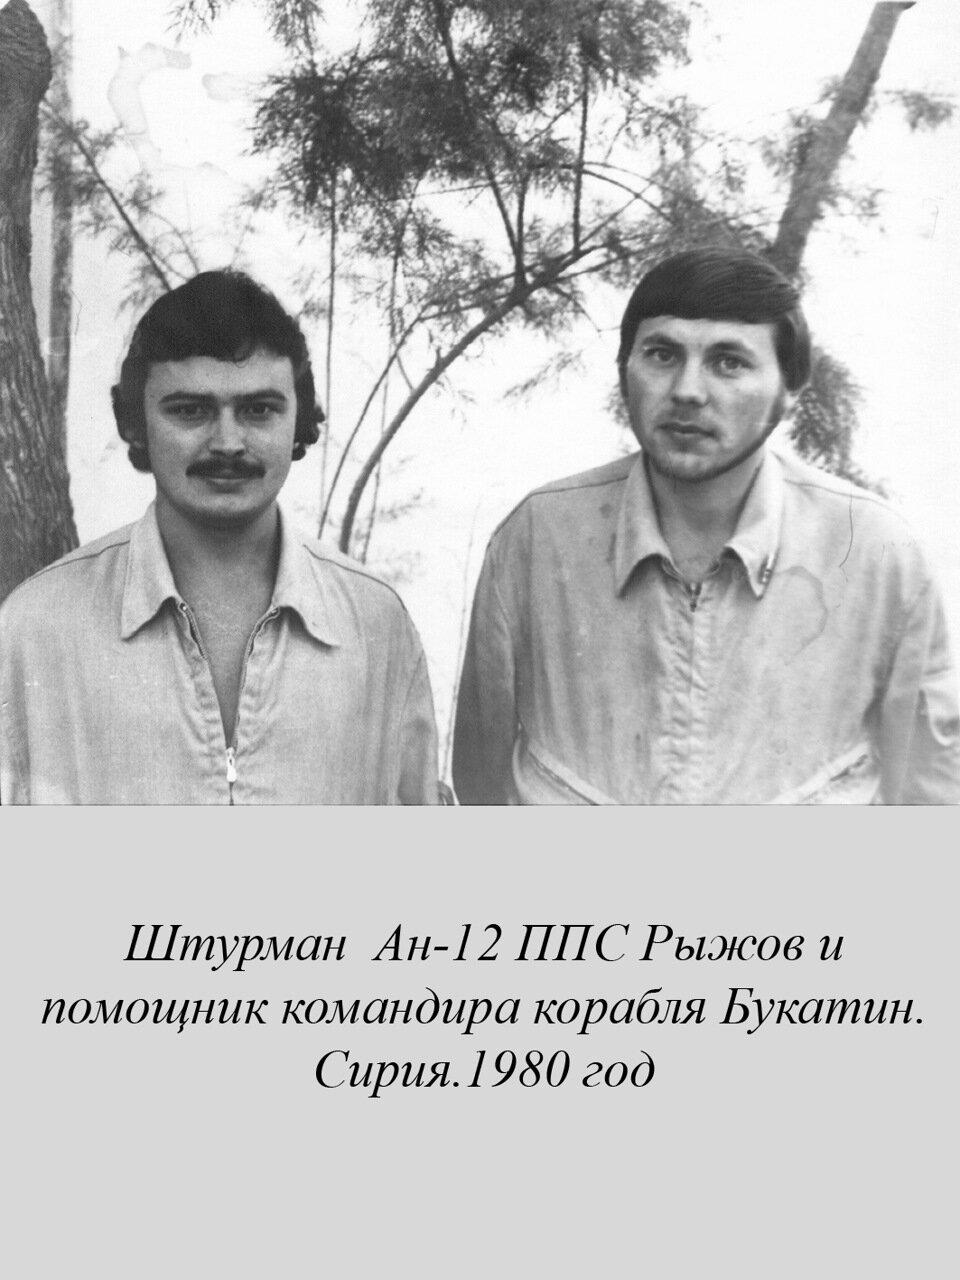 1980. Сирия. Штурман  Рыжов и помощник командира корабля Букатин